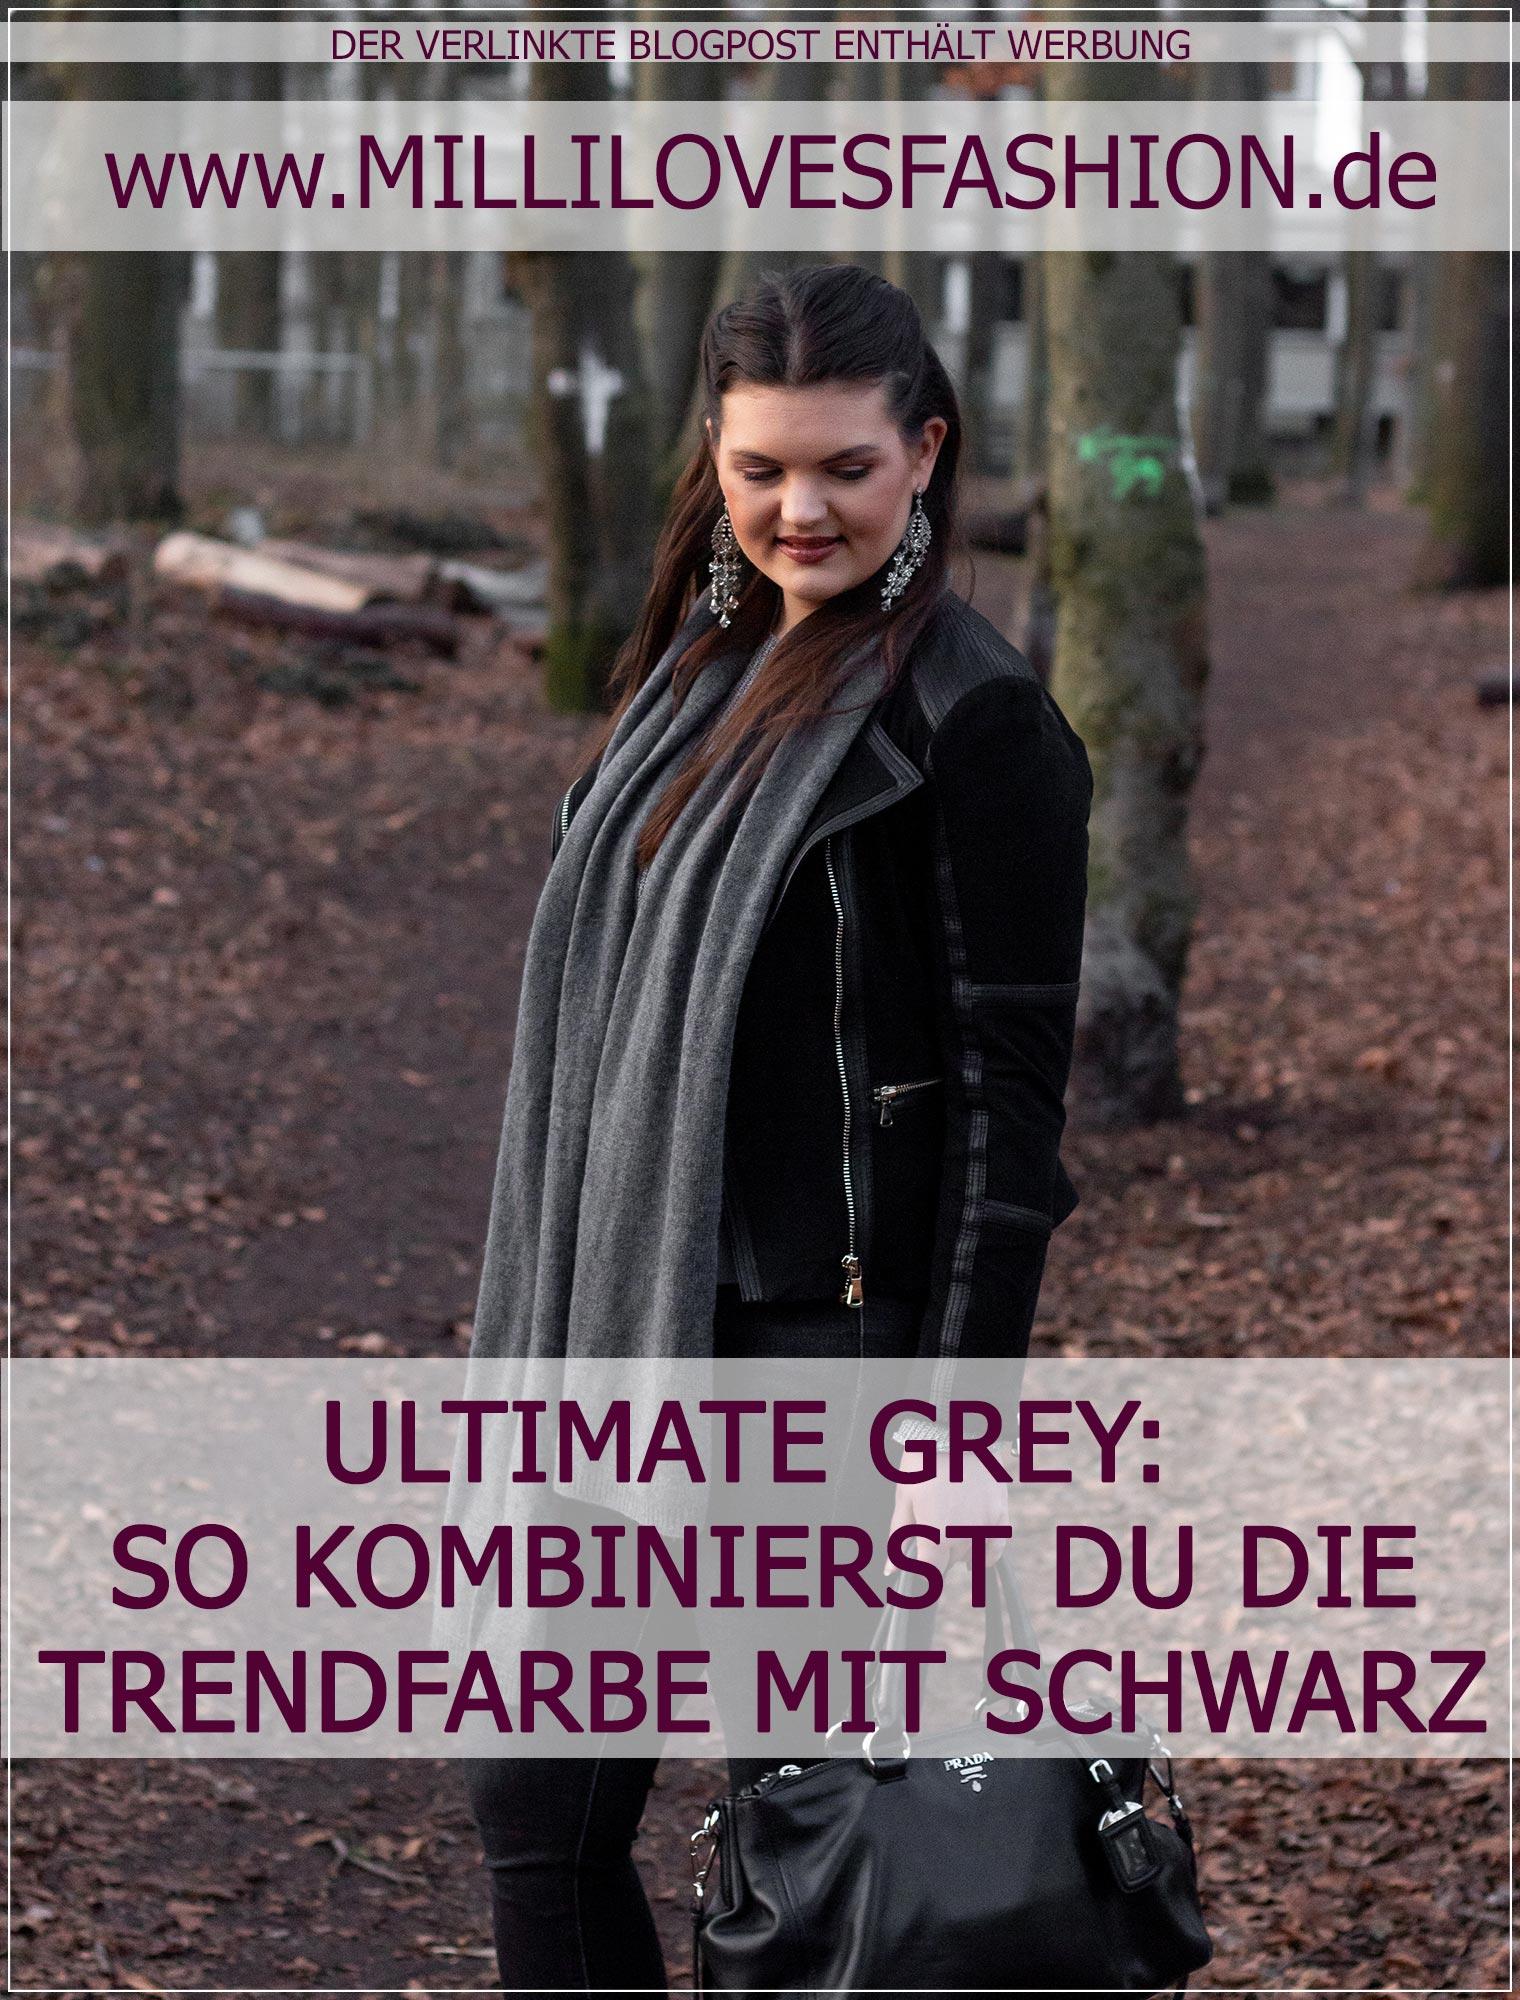 Pantonefarbe Ultimate Grey mit schwarz kombiniert